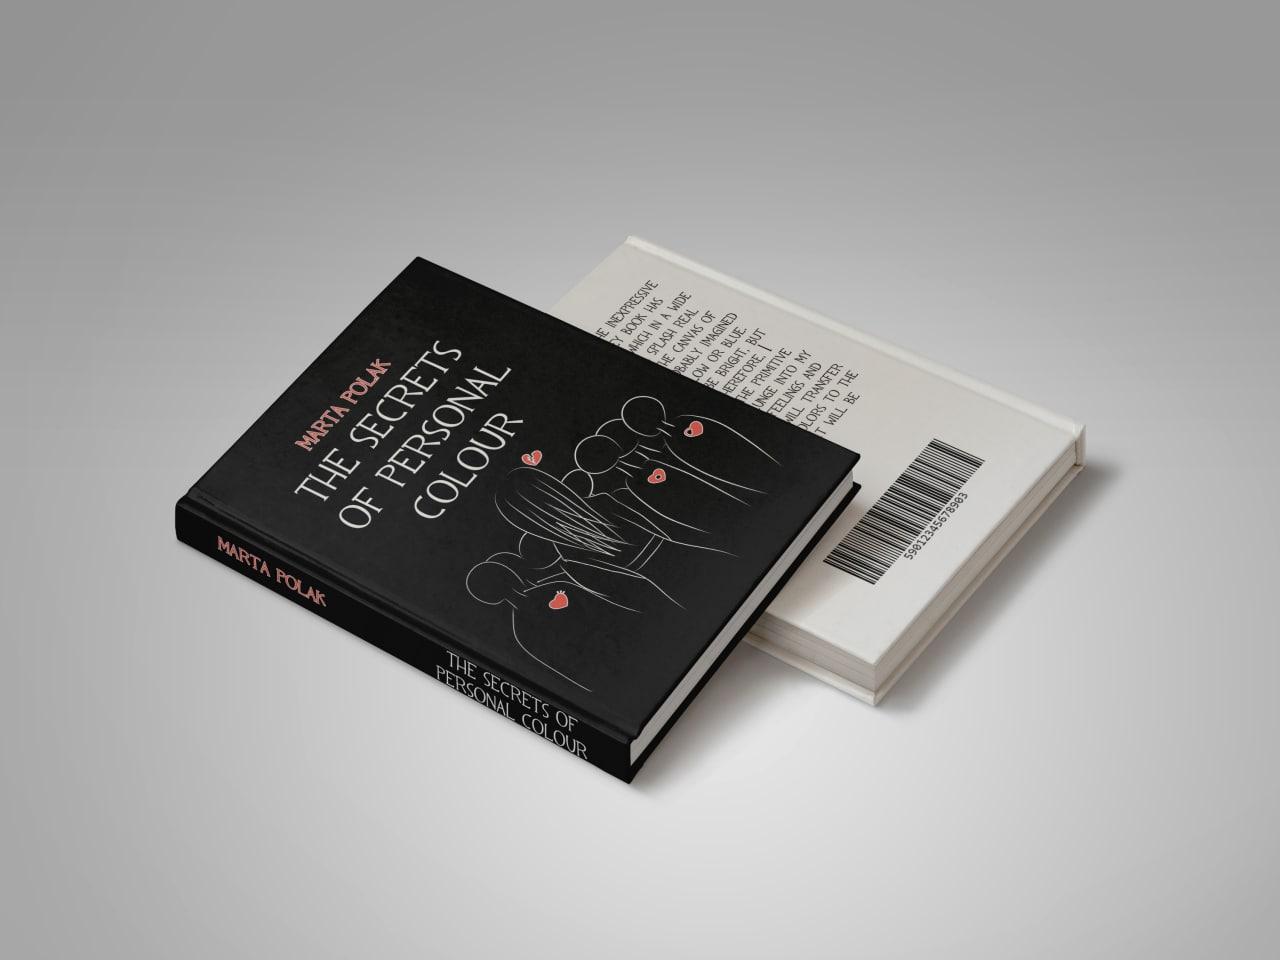 Фото Дизайн книги с помощью Adobe Photoshop и Ibis Paint X, потрачено 2 дня